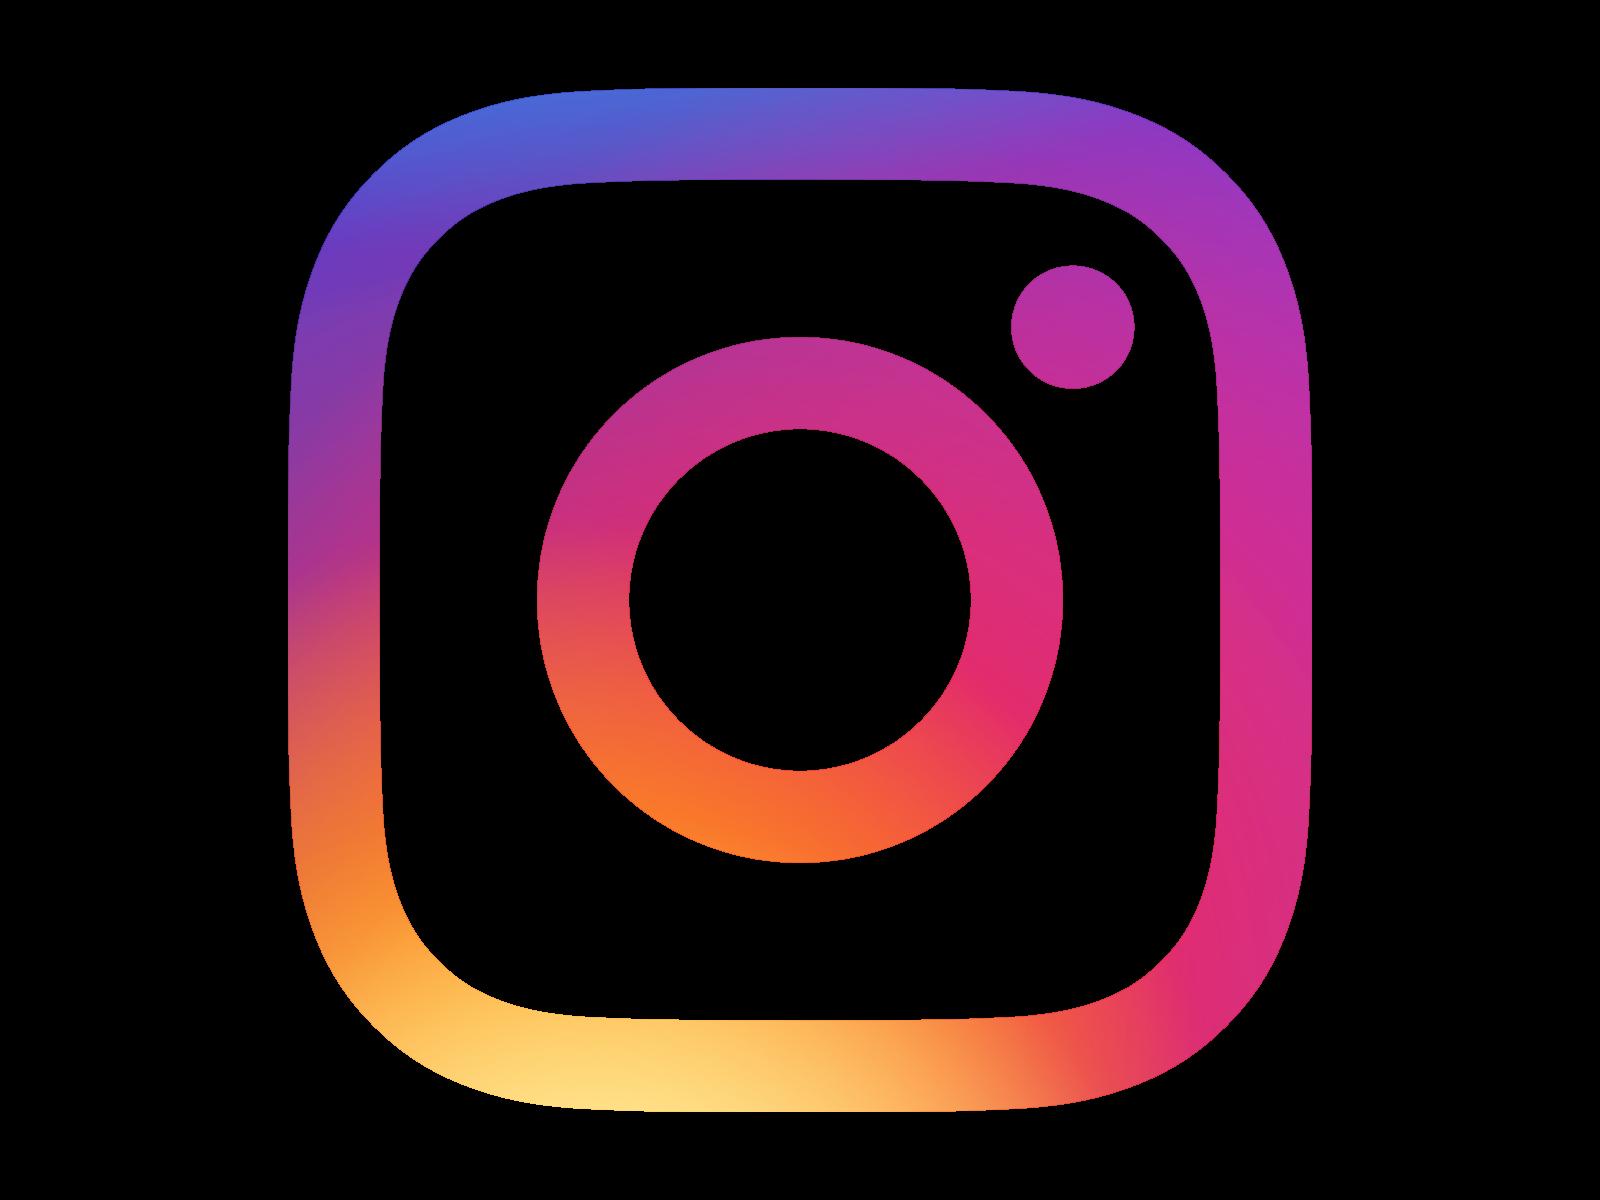 Instagram Logo PNG Transparent & SVG Vector - Freebie Supply